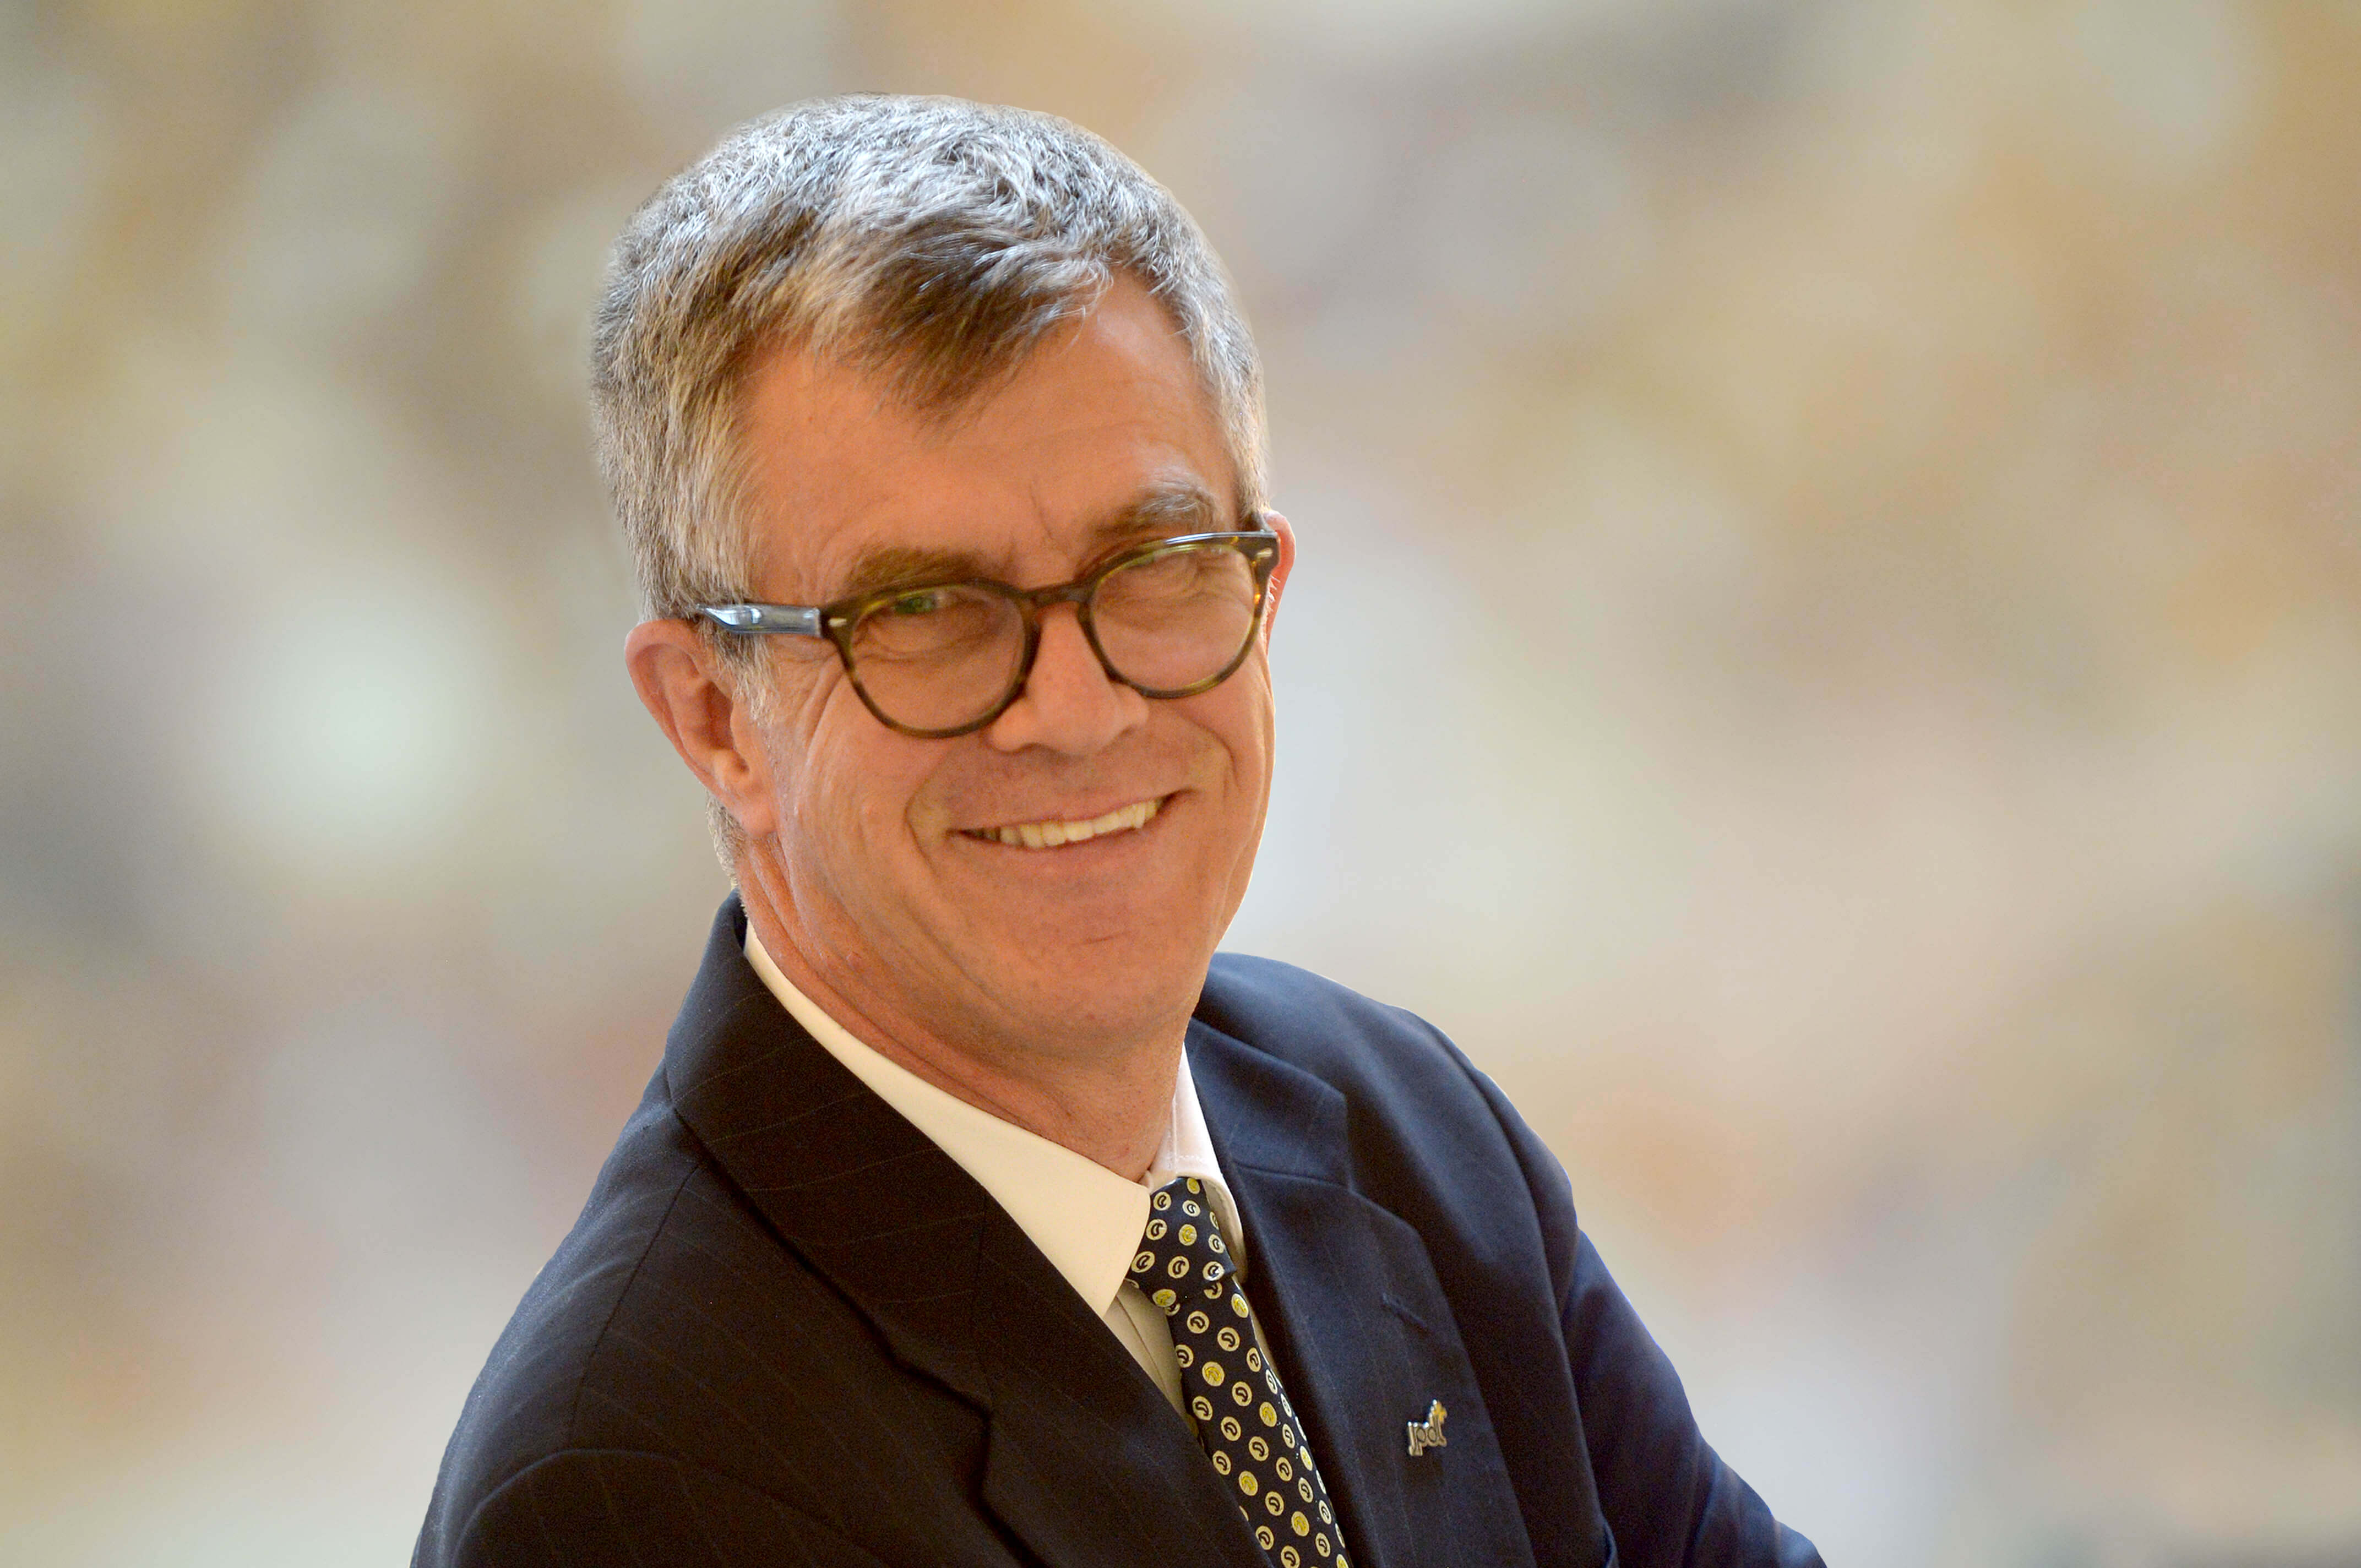 Entrevue de WPCOA avec Jean-Paul de Lavison!